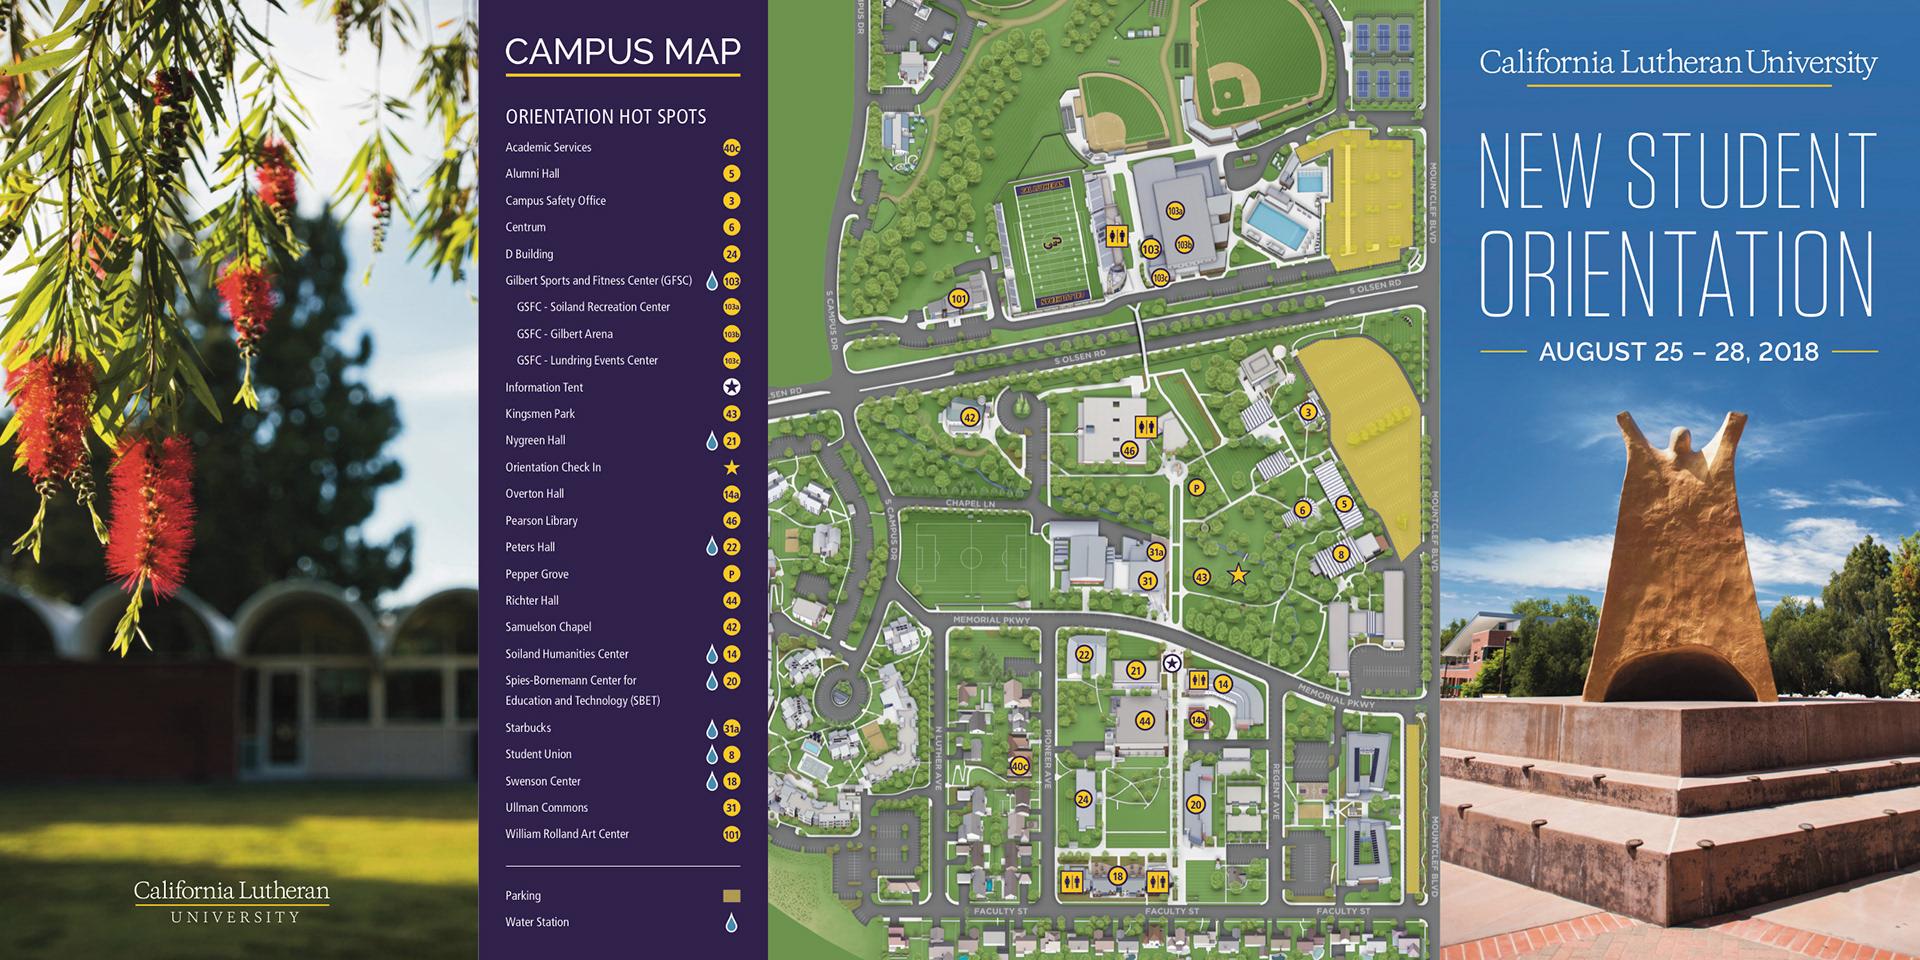 California Lutheran University Campus Map.Alyssa Pasetta New Student Orientation